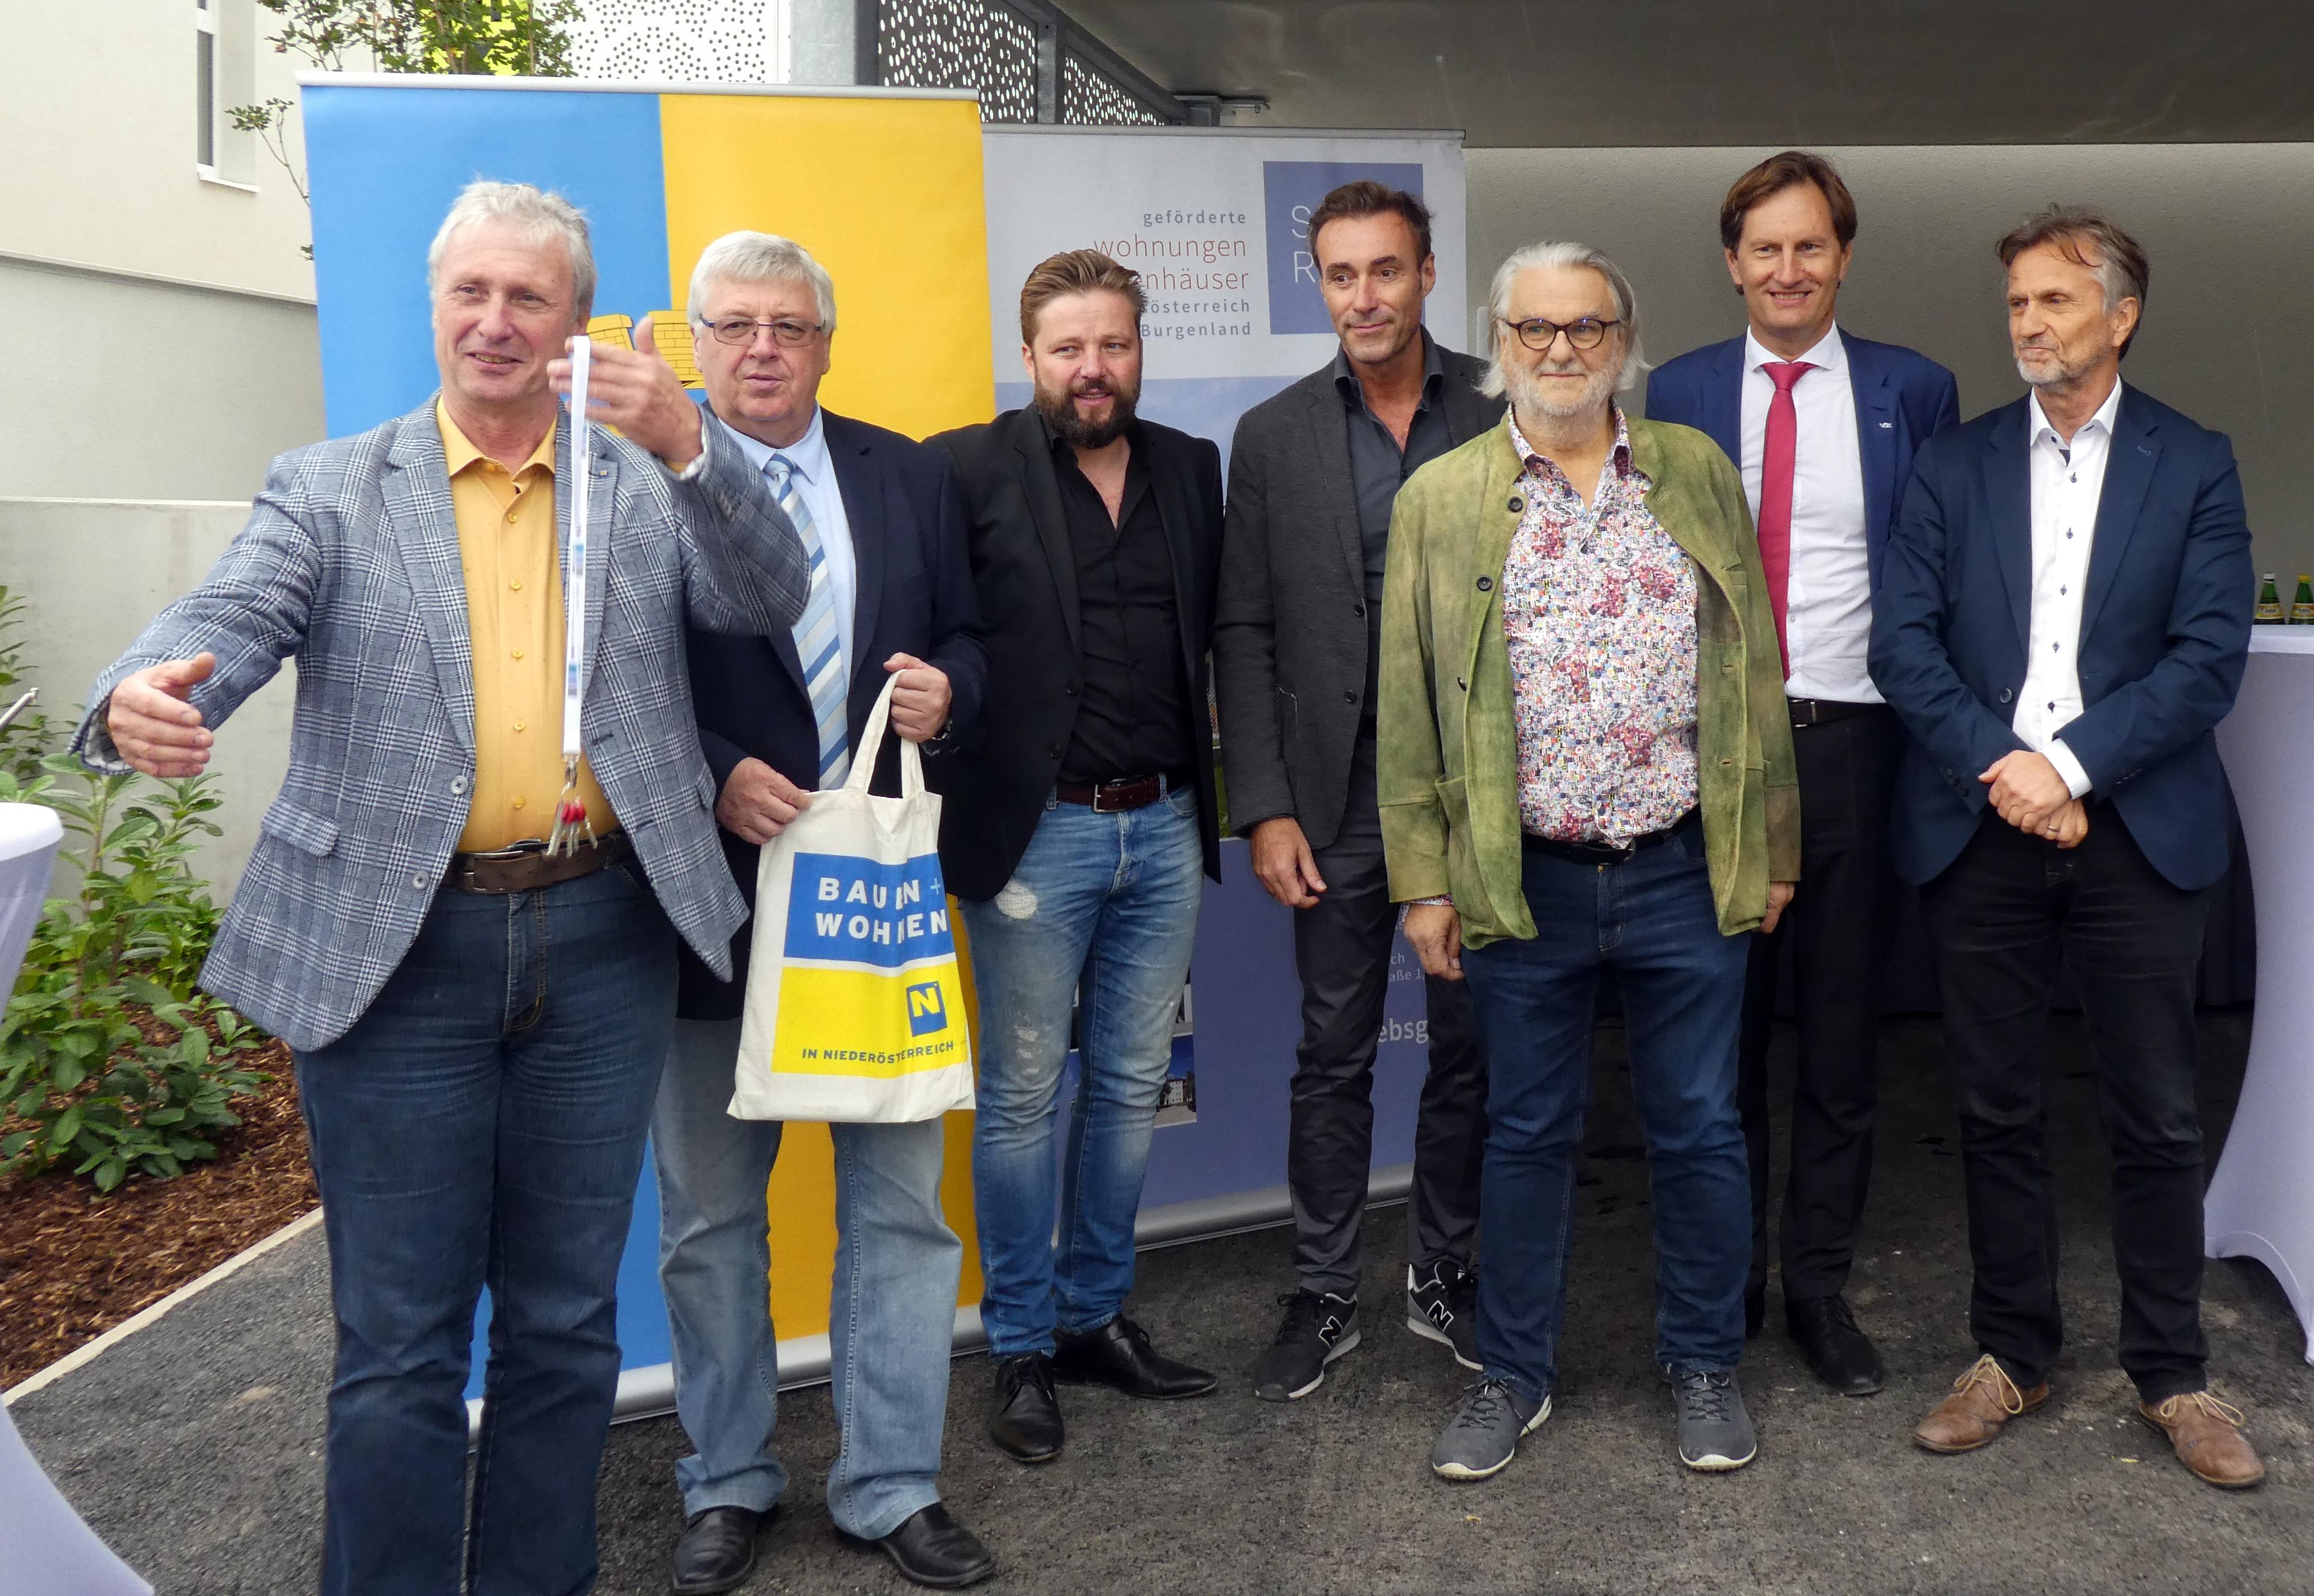 Der Bauträger Südraum/EBSG überreicht gemeinsam mit Bürgermeister Zwierschitz, Landtagsabgeordnetem Schödinger und den Projektpartnern die Schlüssel zu den neuen Reihenhäusern.